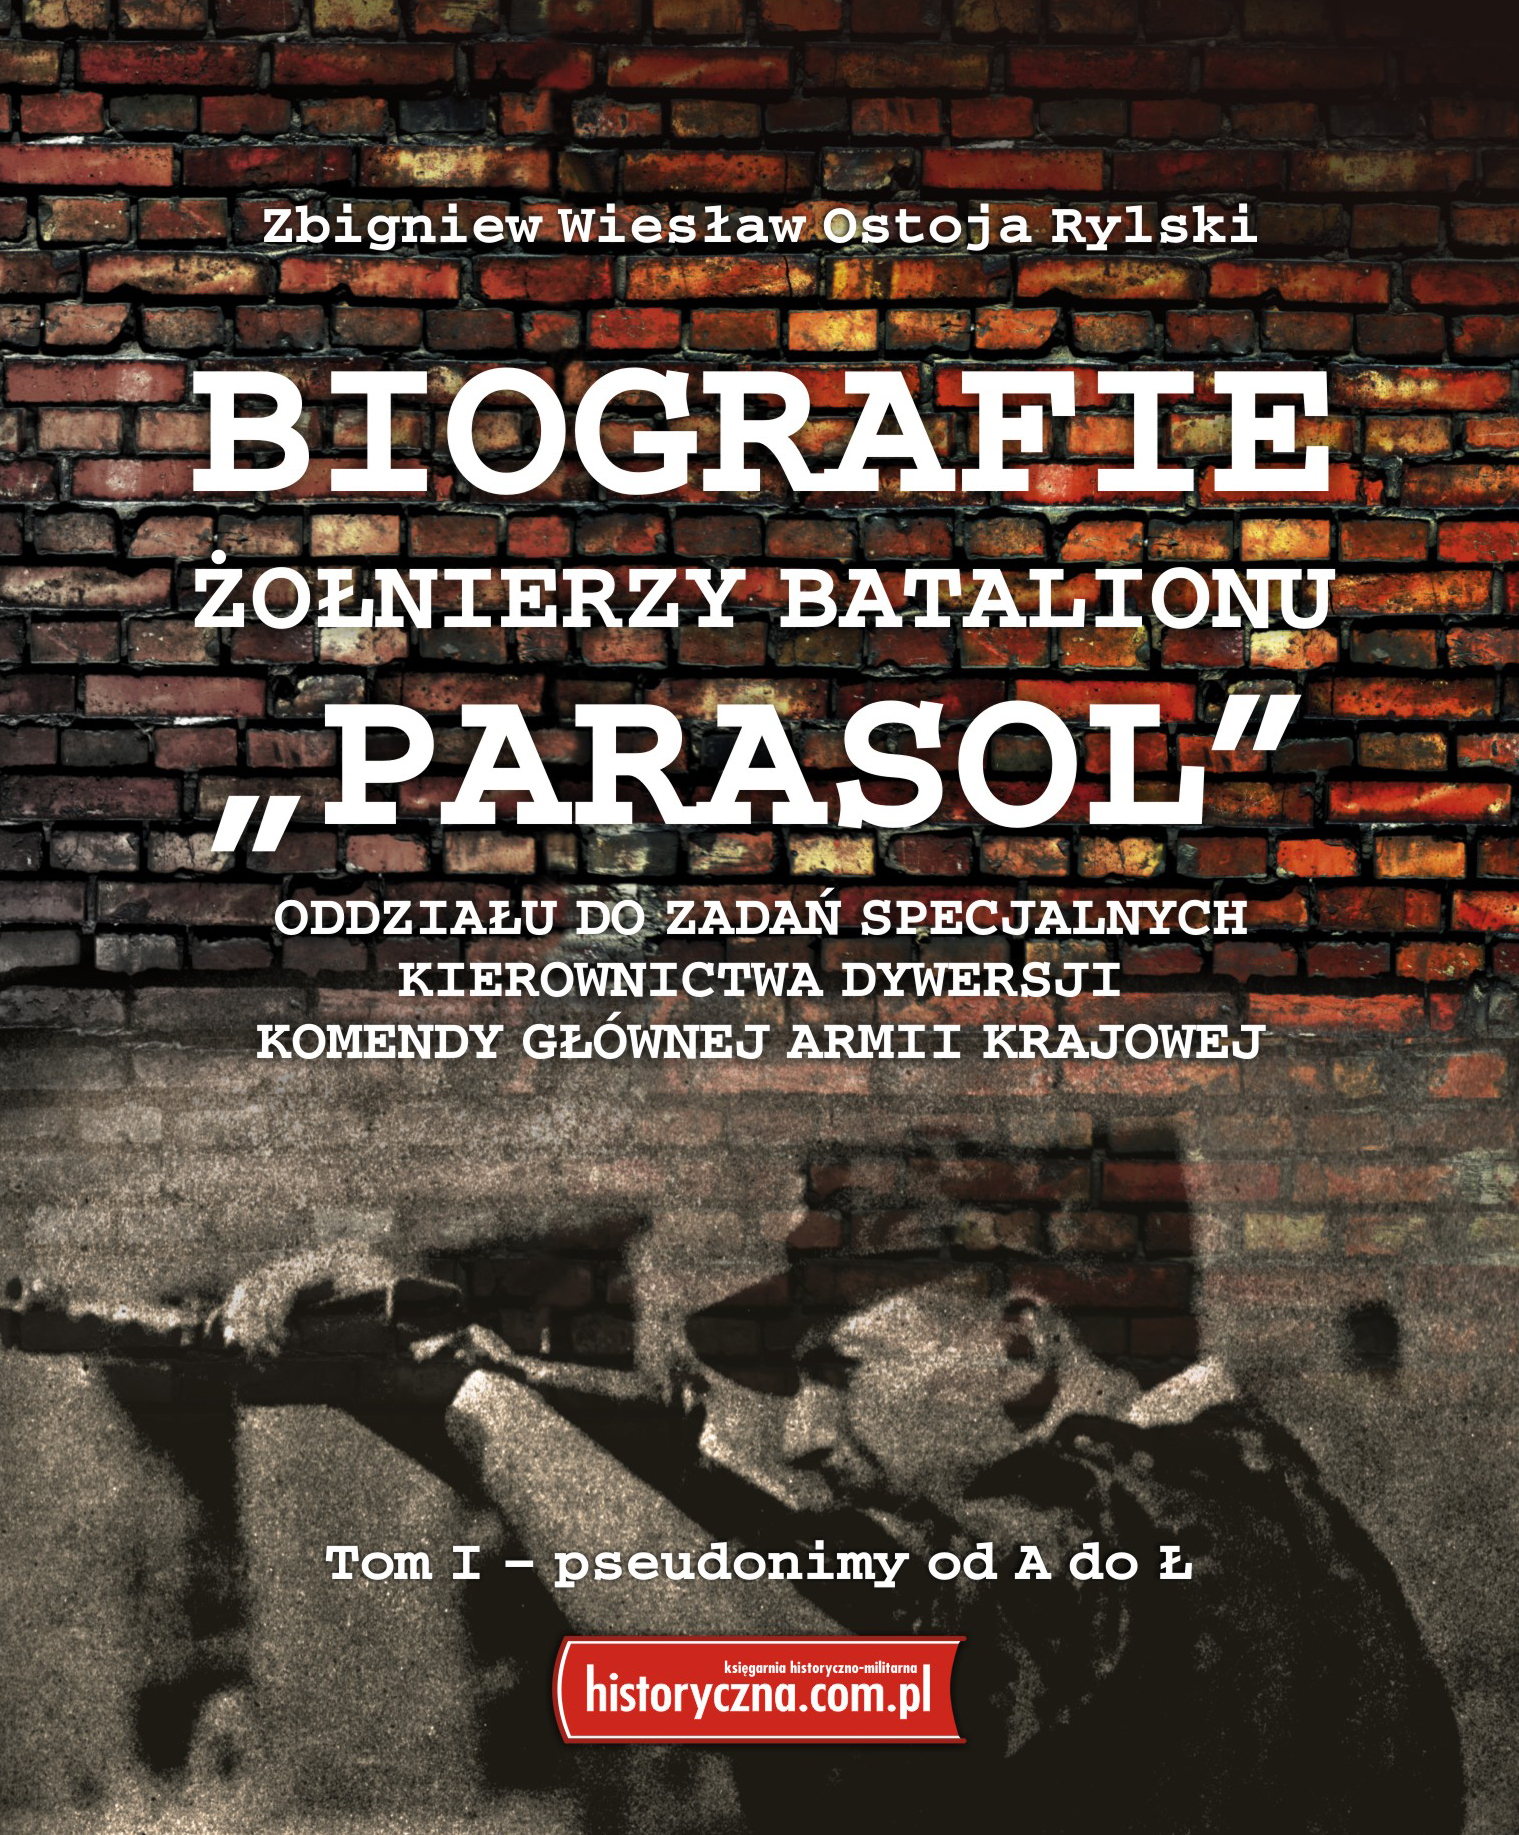 Biografie żołnierzy Batalionu